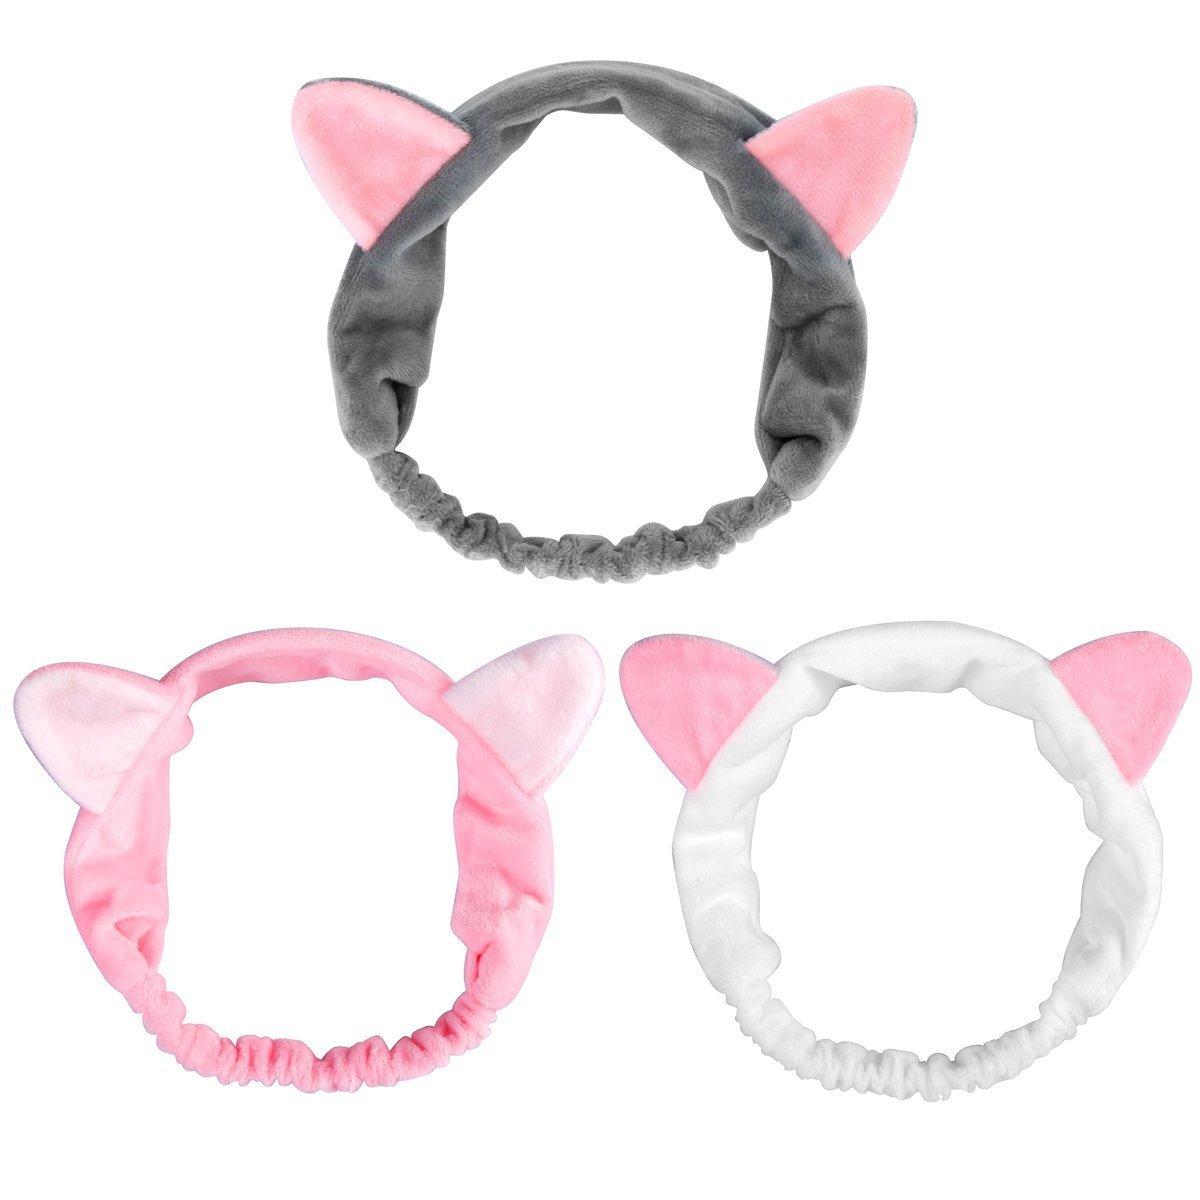 Dreamlover伸縮性のあるビロード製の猫耳ヘアバンド シャワー マスク 洗顔 メイク 落とし 可愛くて快適な猫耳猫耳ヘッドバンドド 女の子、レデー用のヘアバンド 全3色選べる(ホワイト、ピンク、グレイ)(3個) B075JCFVYS